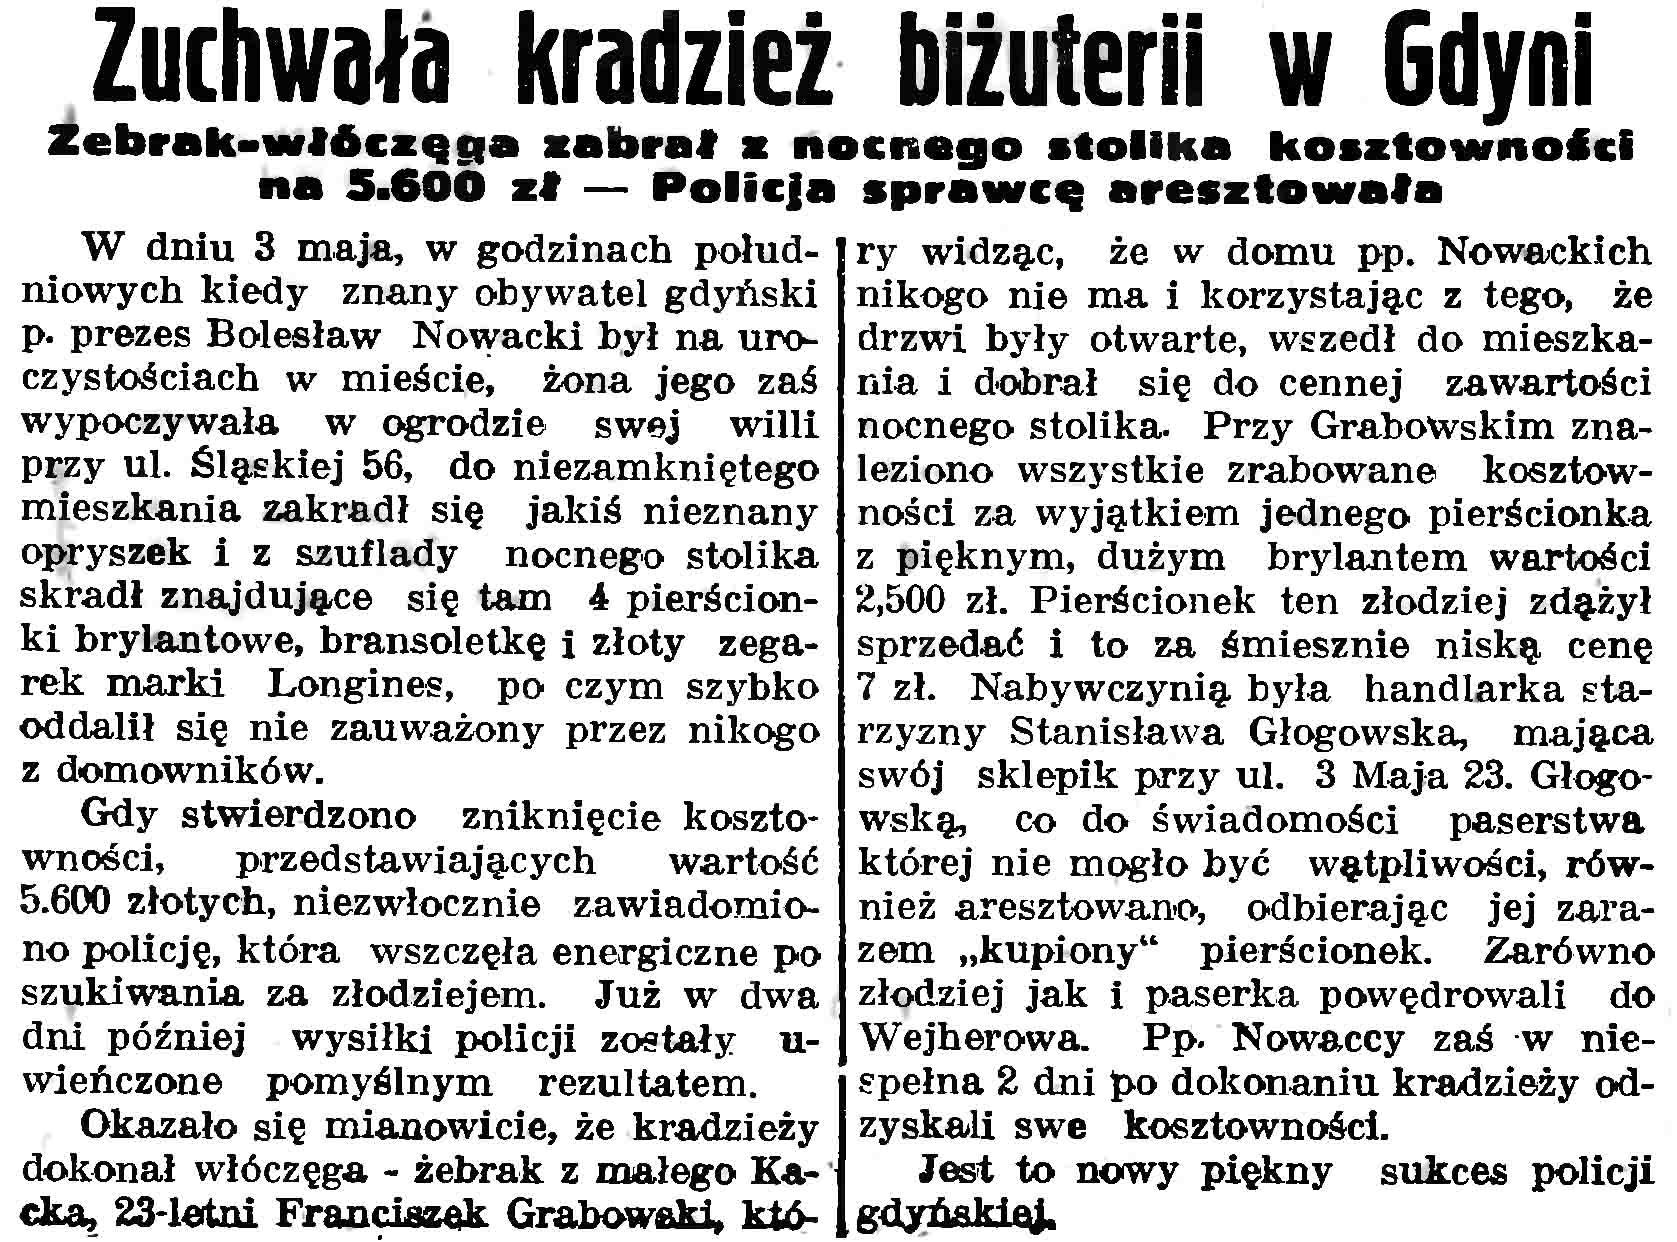 Zuchwała kradzież biżuterii w Gdyni